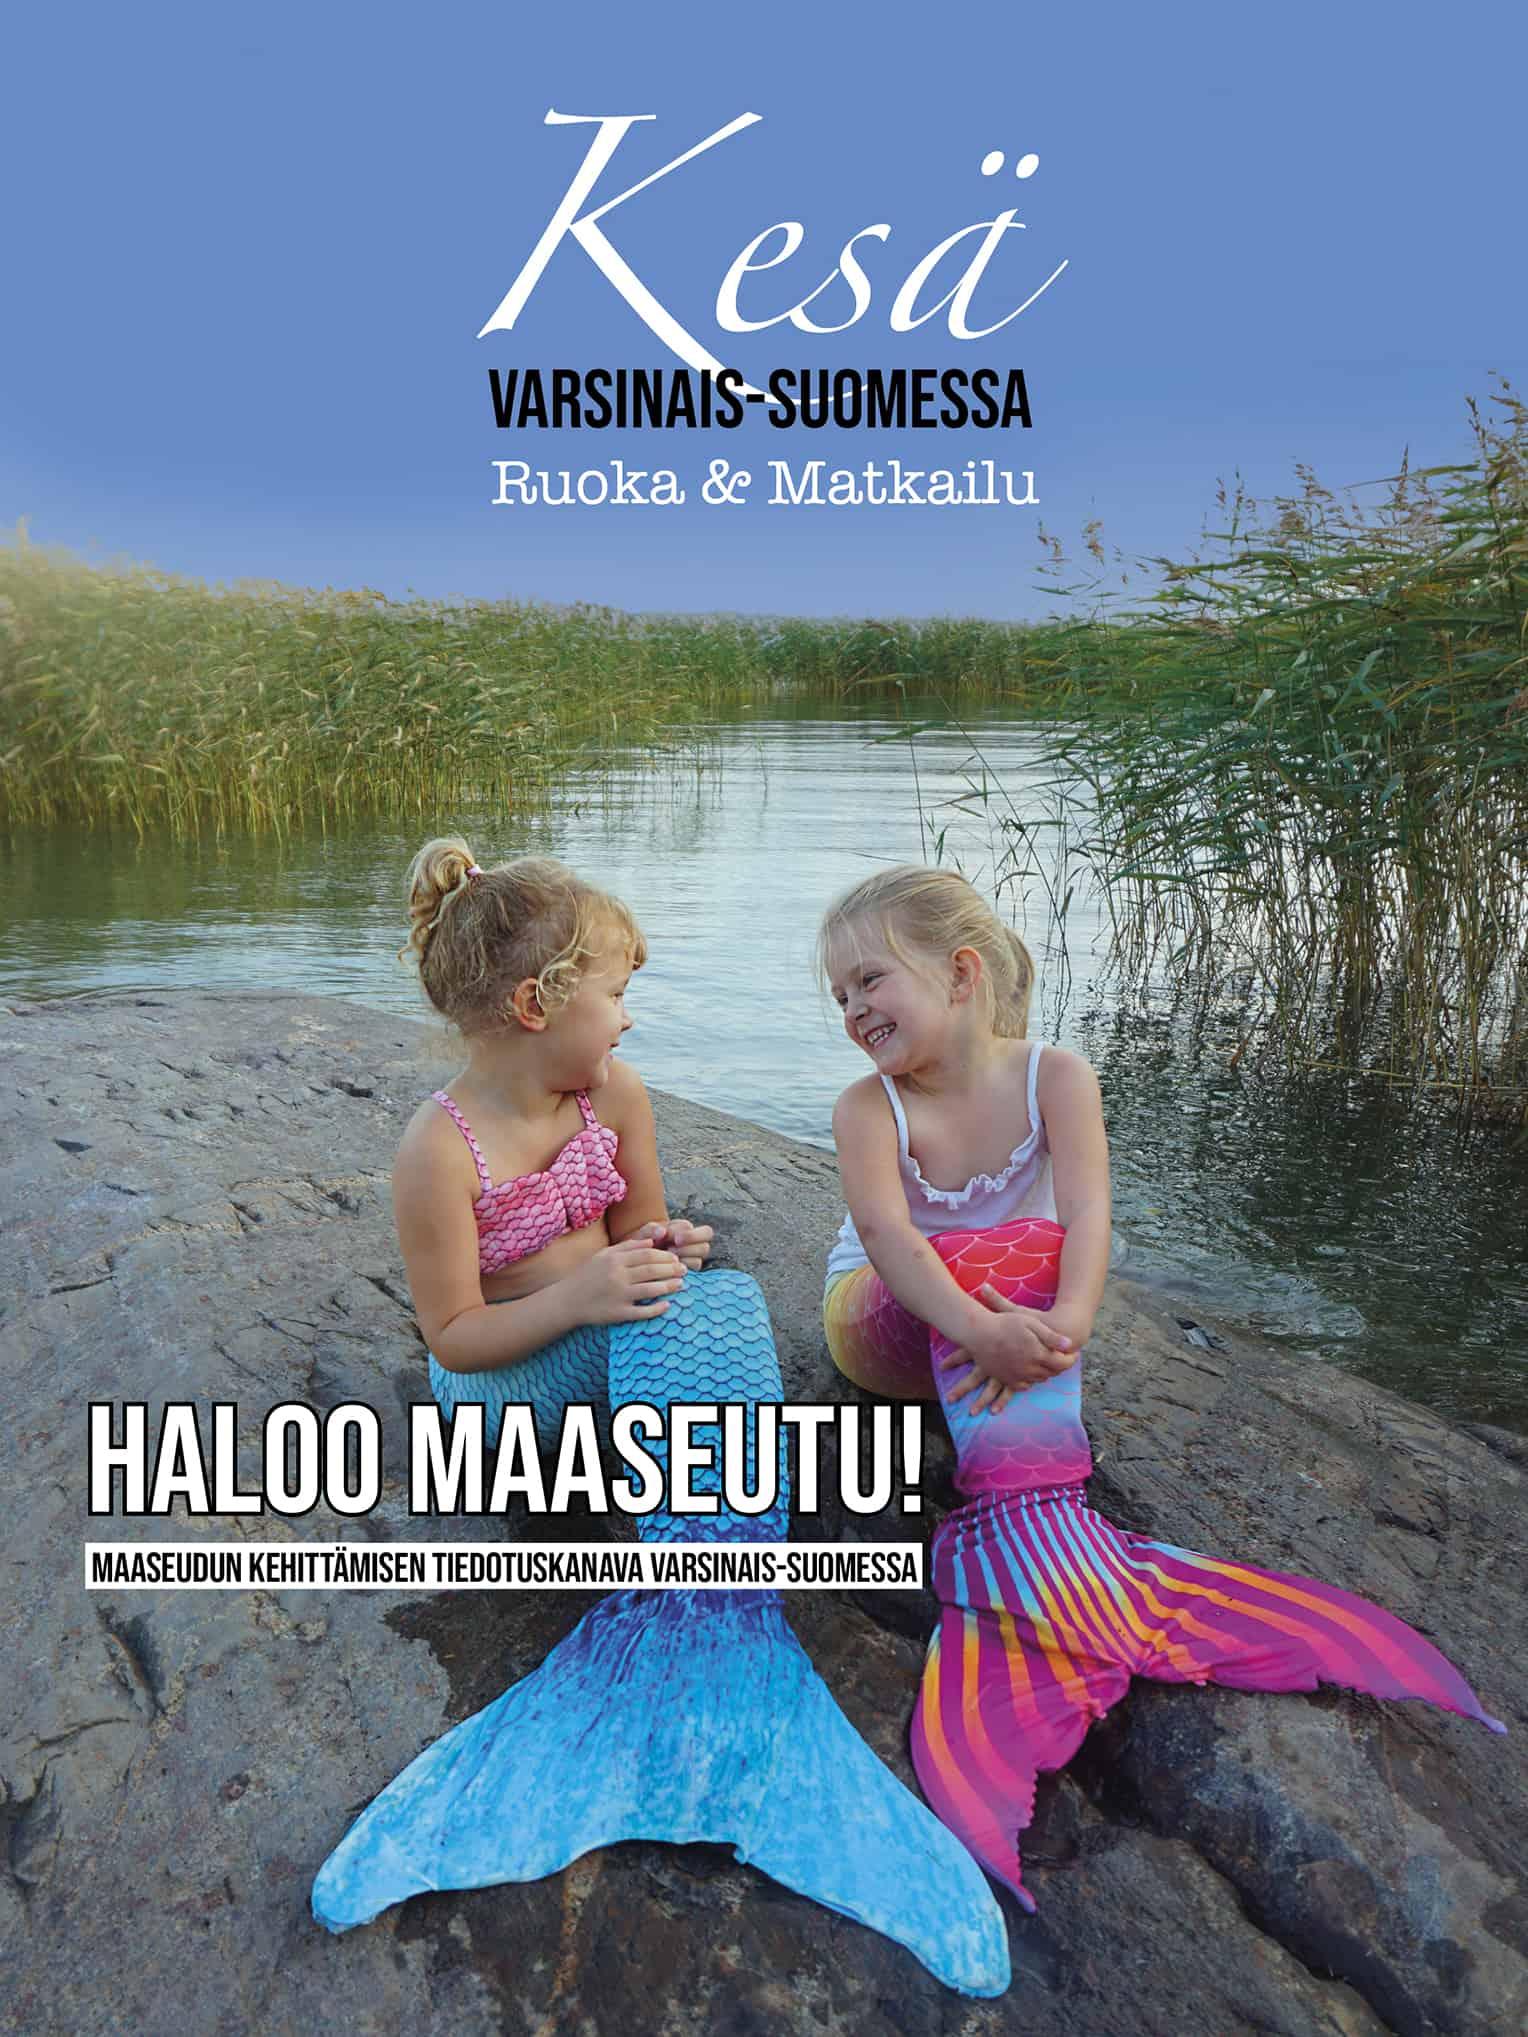 Lehden kansikuvassa kaksi pientä tyttöä merenneitoina istumassa kivellä Varsinais-Suomen saaristossa.